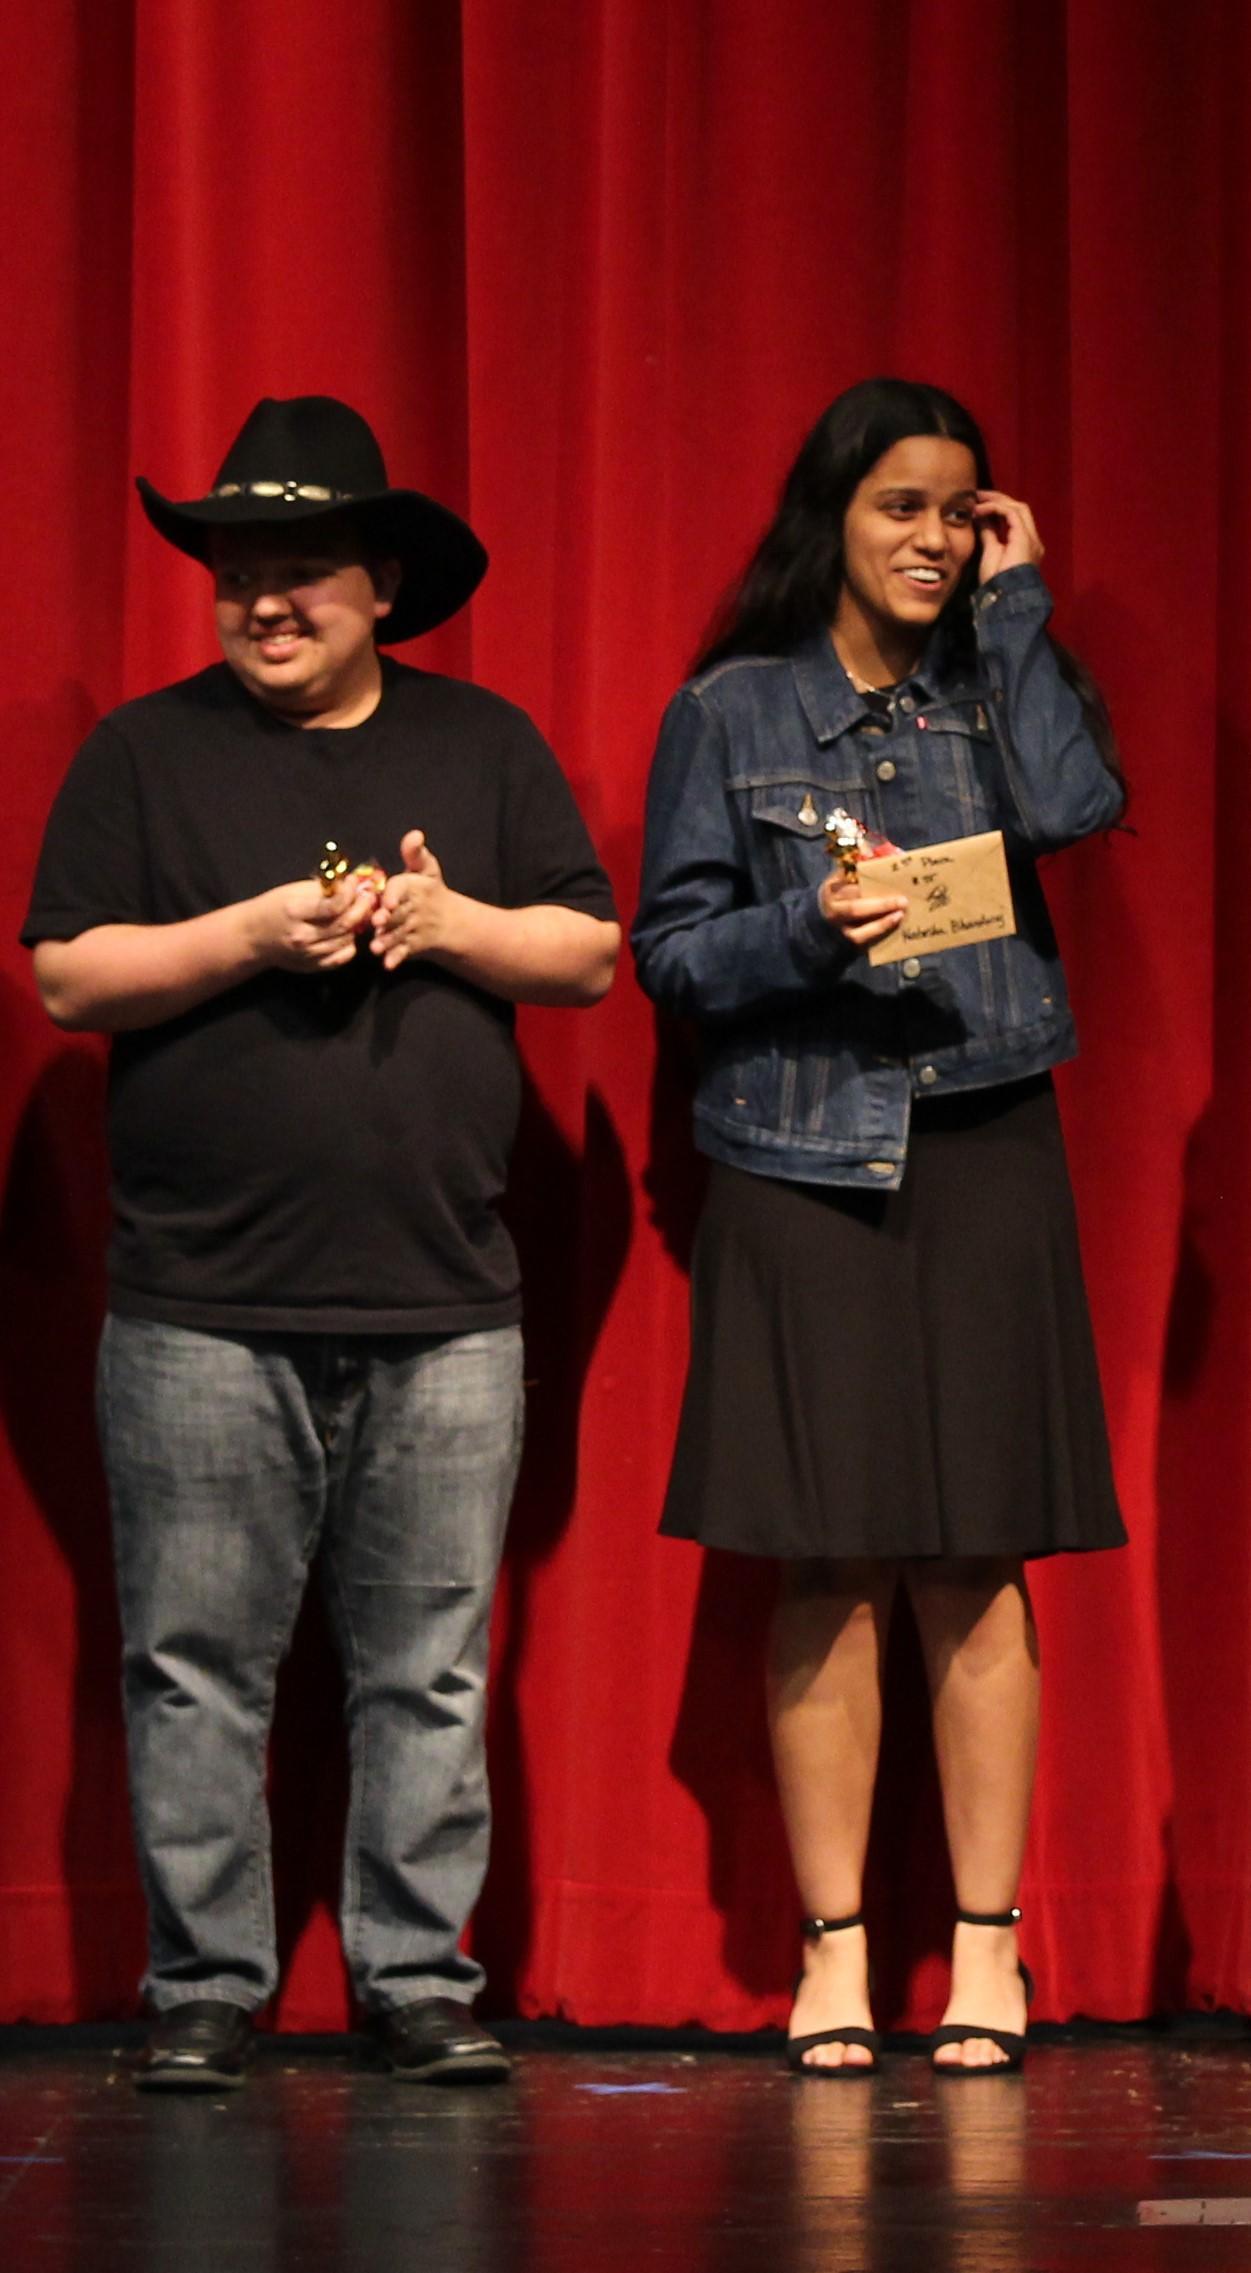 Jaxon Powell and Natasha Bhardwaj